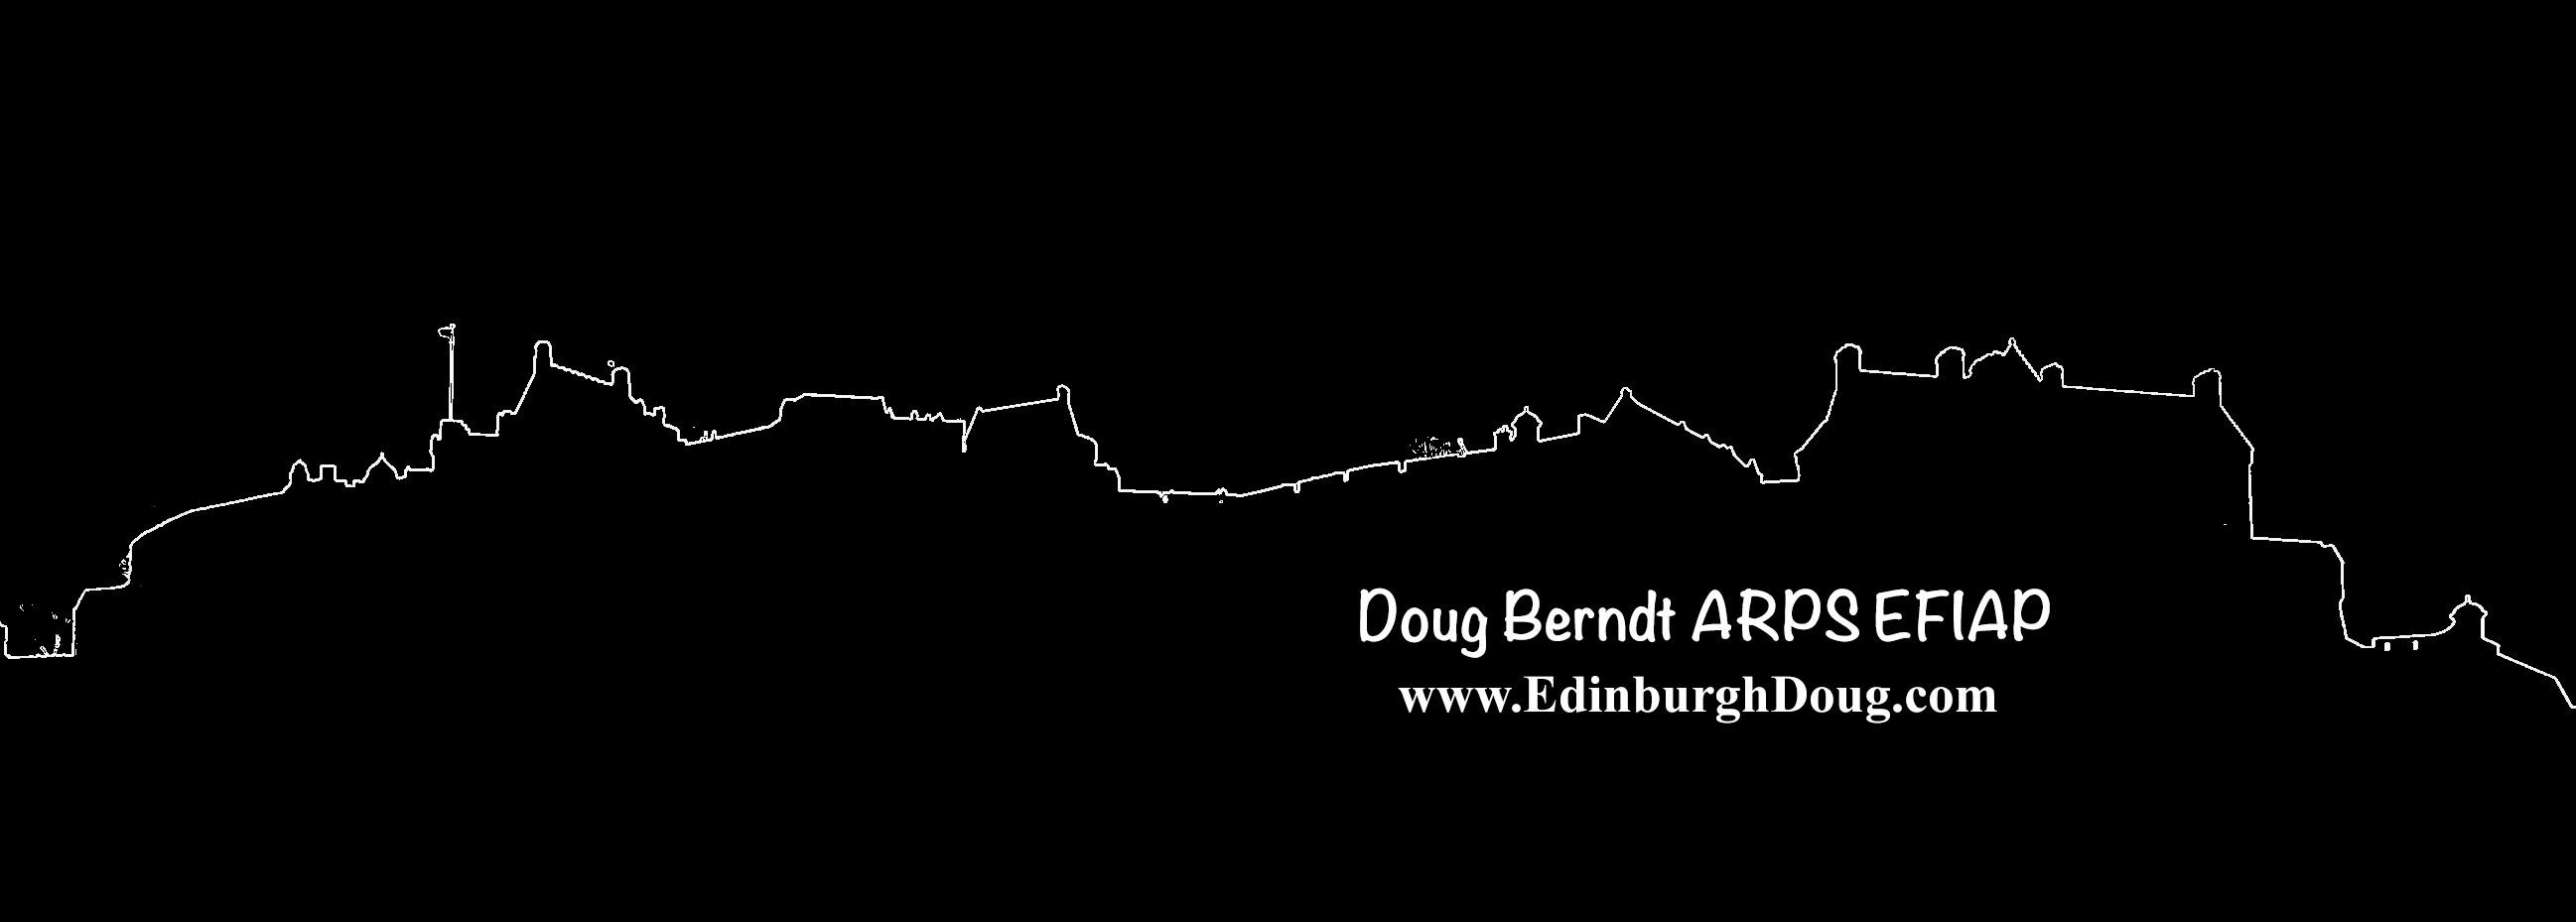 Doug Berndt ARPS EFIAP